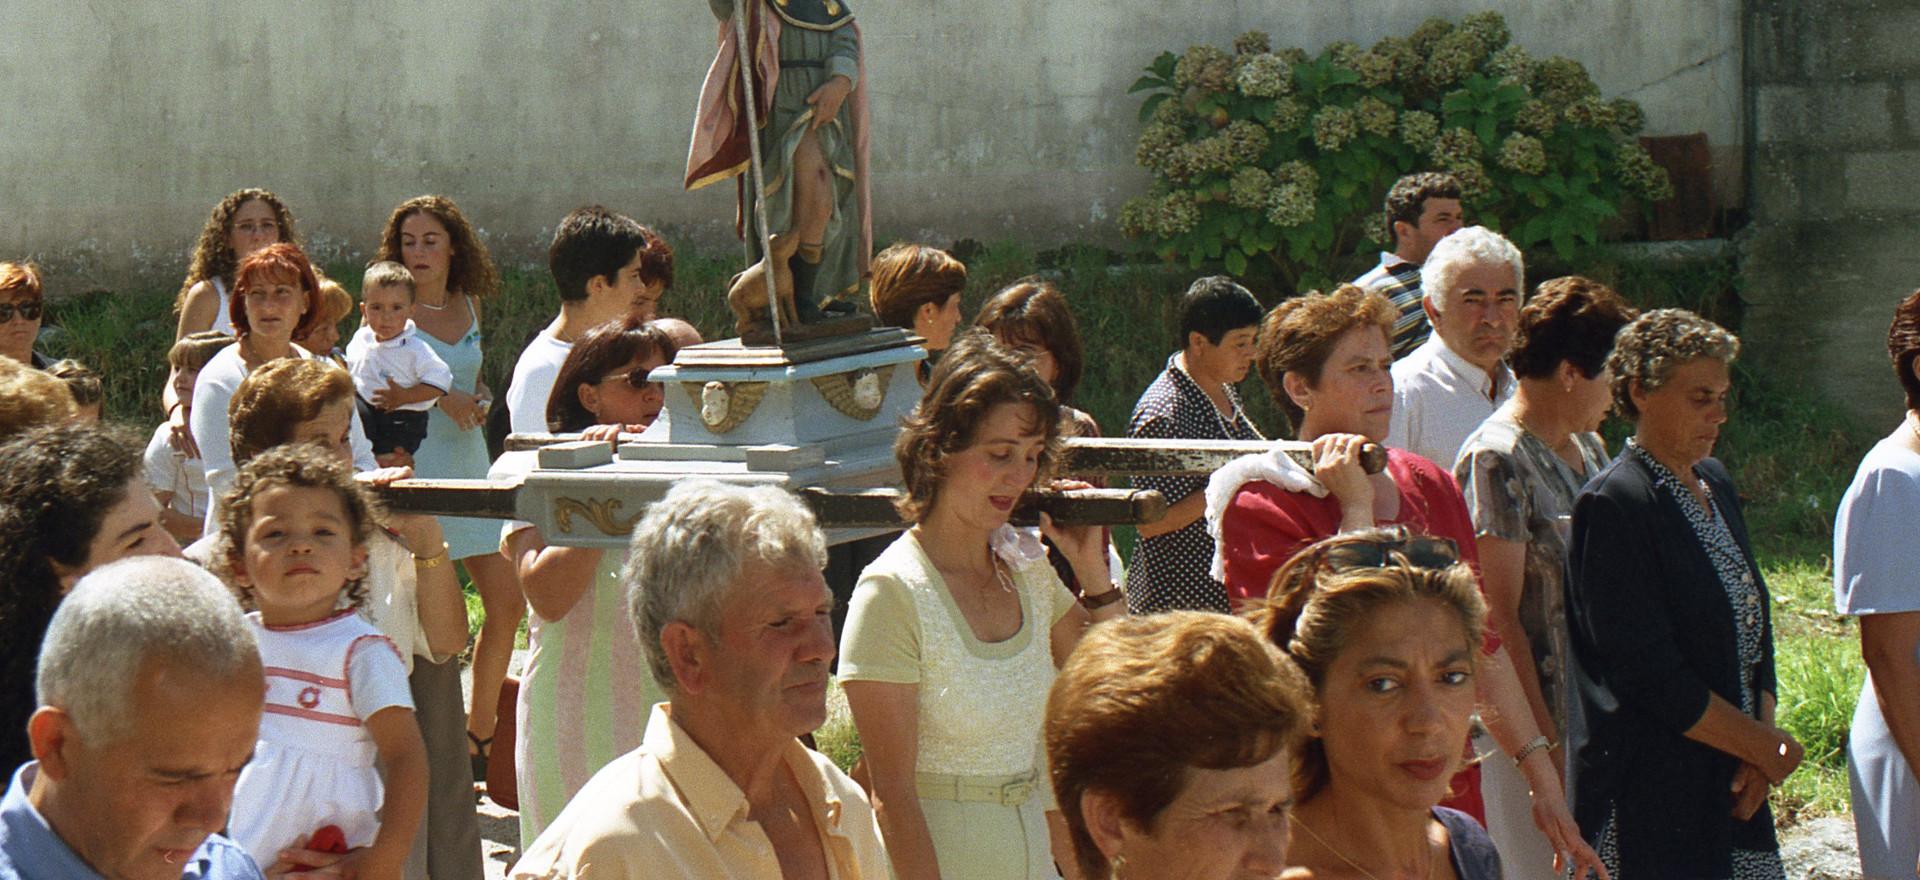 99_09_04_Mozos e mozas de Beluso_015.jpg